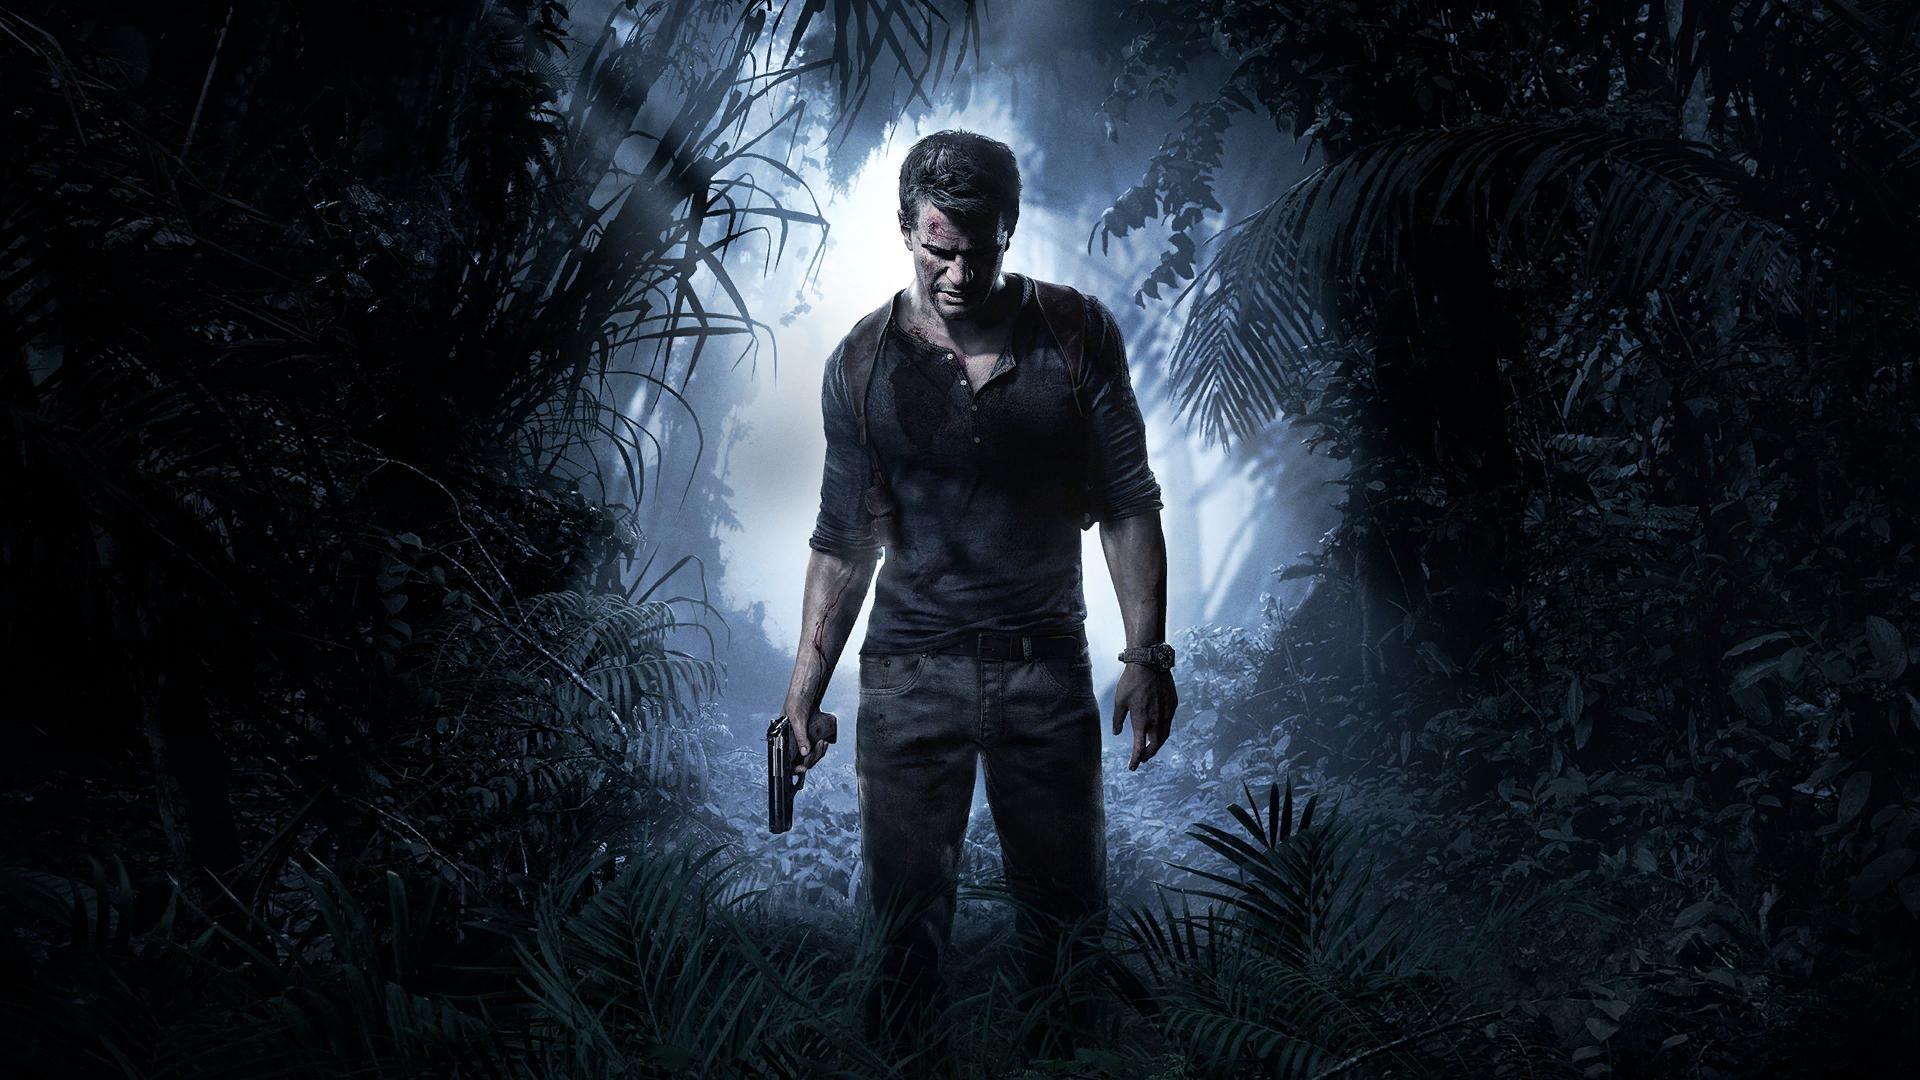 کارگردان فیلم Uncharted، راجع به این فیلم و نسخهی بعدی این سری میگوید